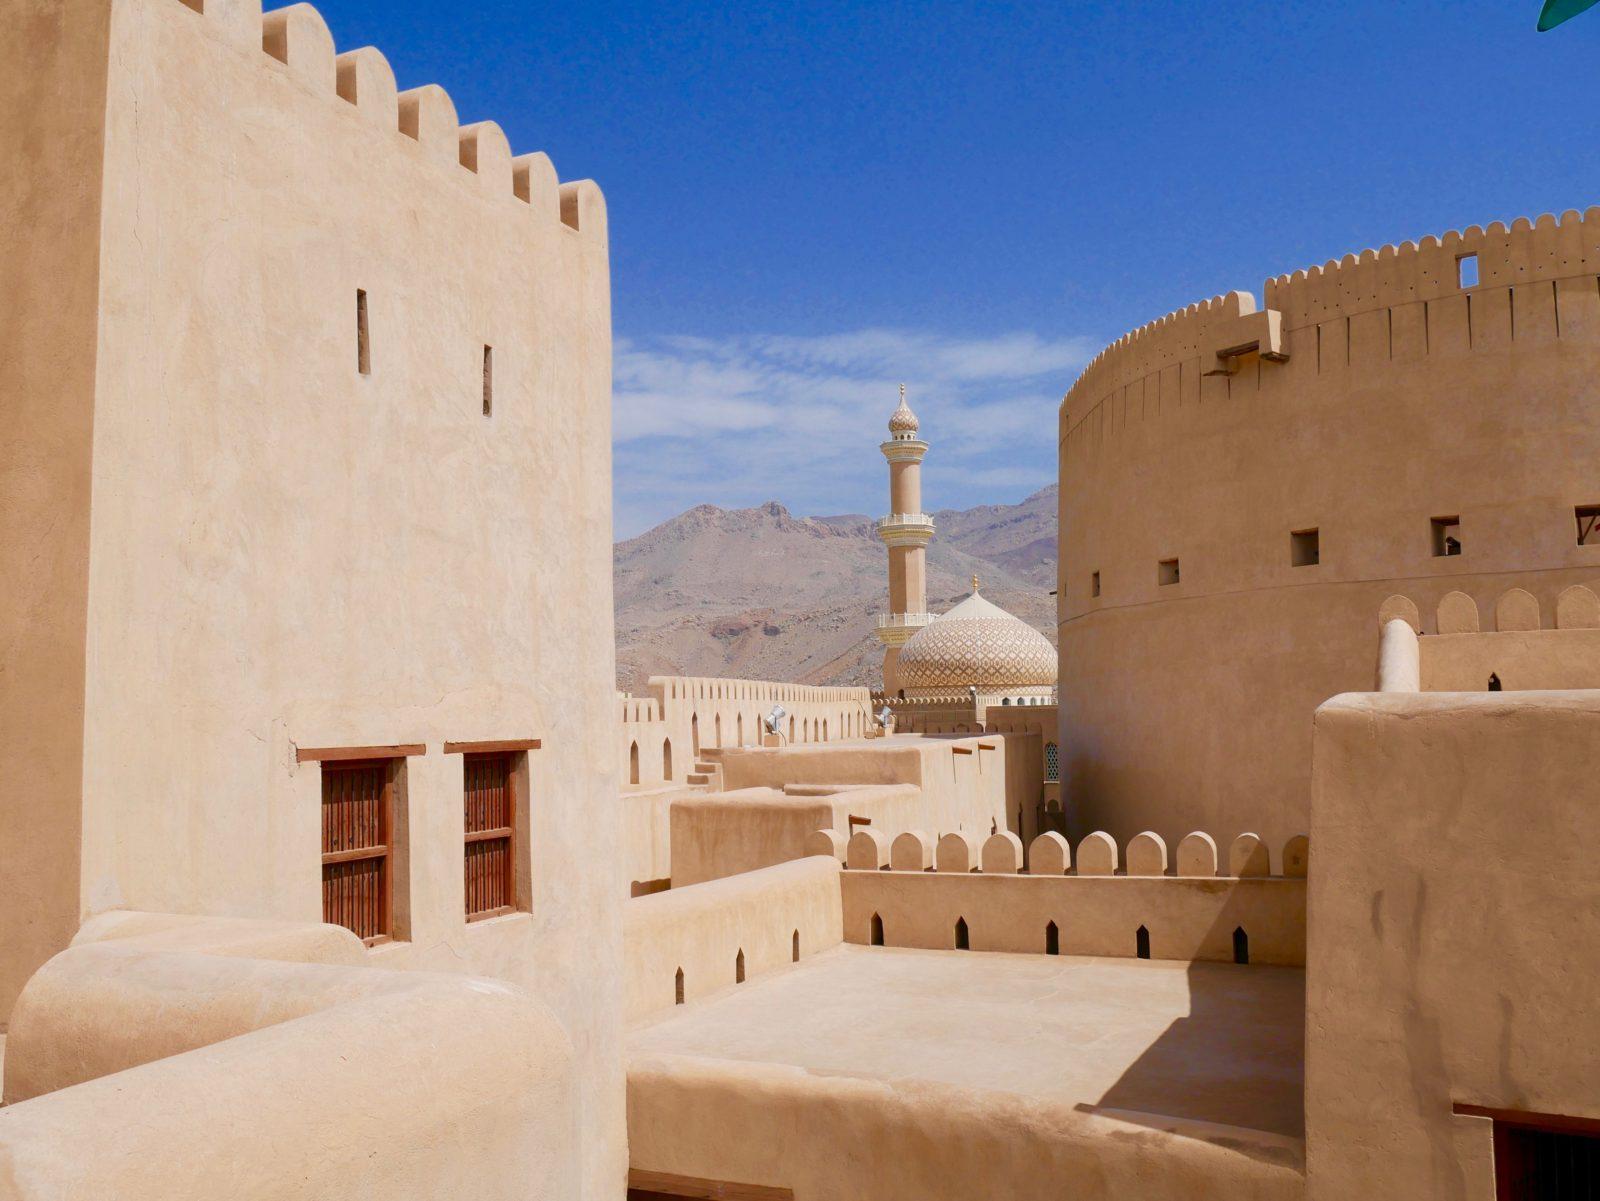 Eine der schönsten Oman Sehenswürdigkeiten ist die Oasenstadt Nizwa